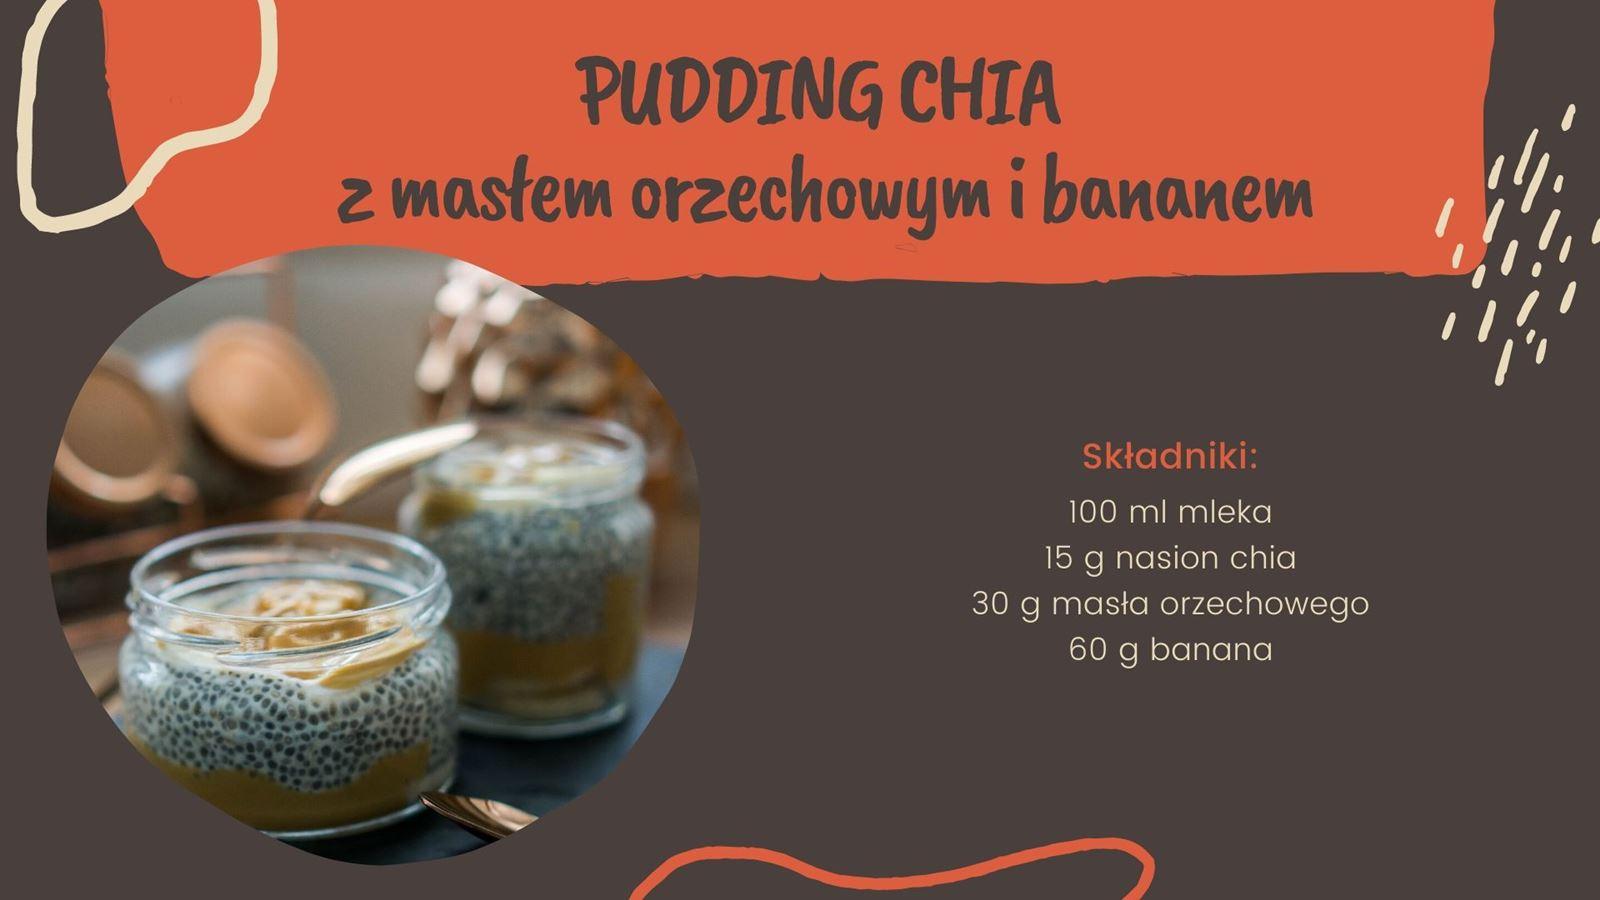 7 jak zrobić zdrowy i szybki deser z nasionami chia pudding chia przepis jak przygotować z truskawkami, pomysł na łatwy deser na sniadanie how make easy health pudding chia receipes